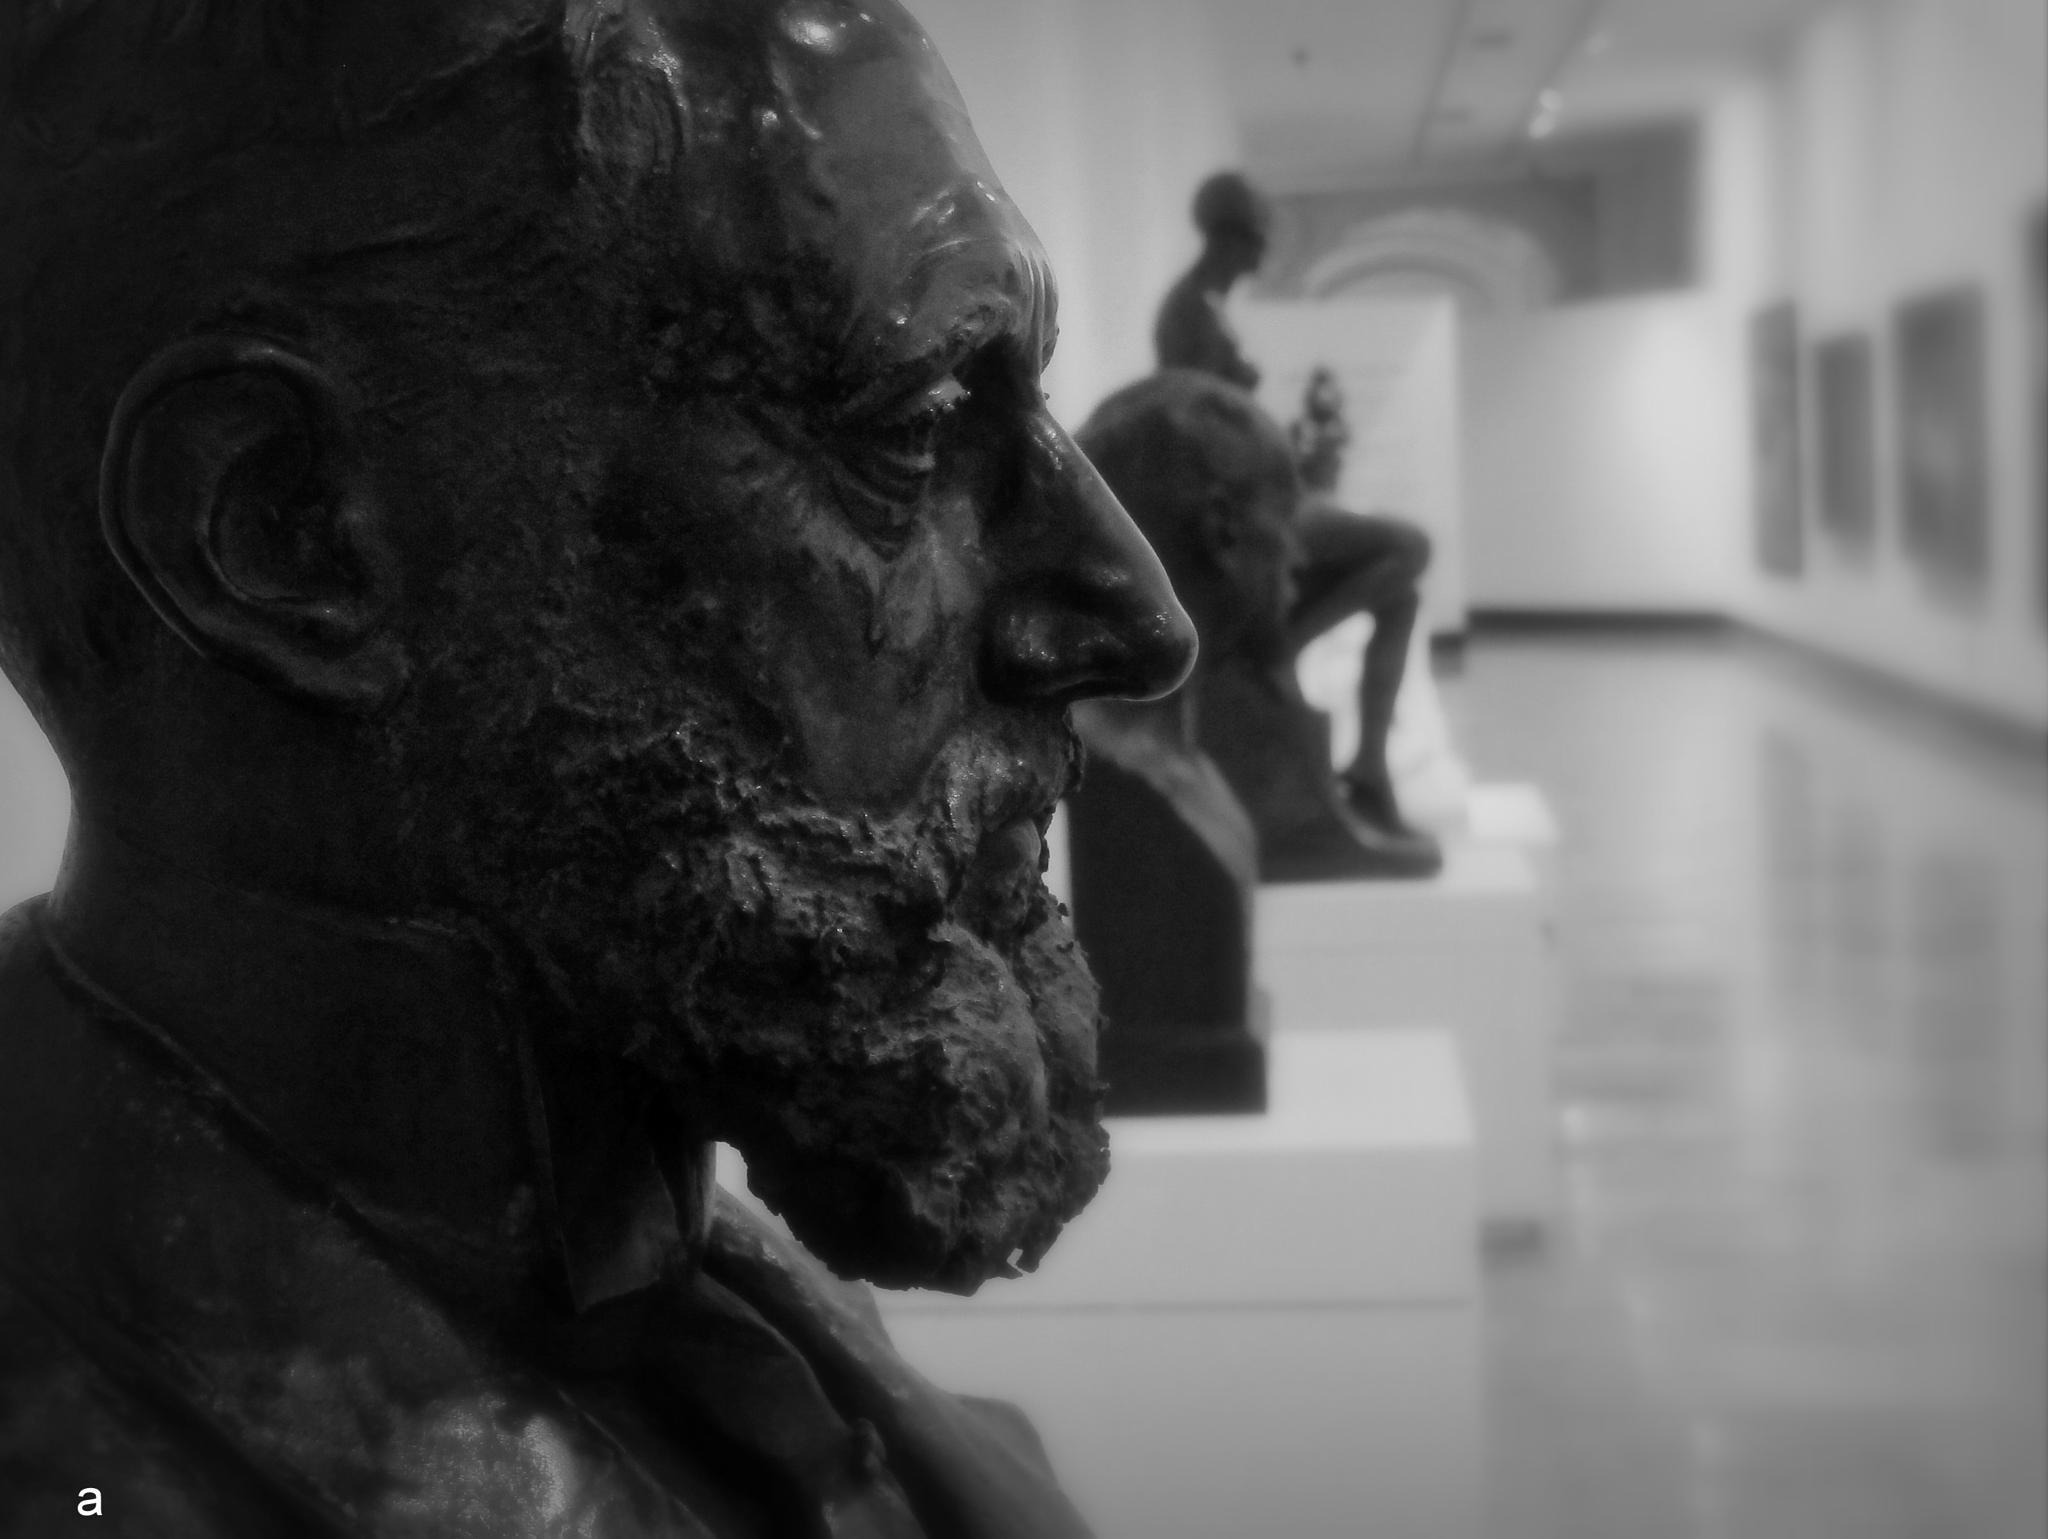 museo de  zaragoza by angelgarcia